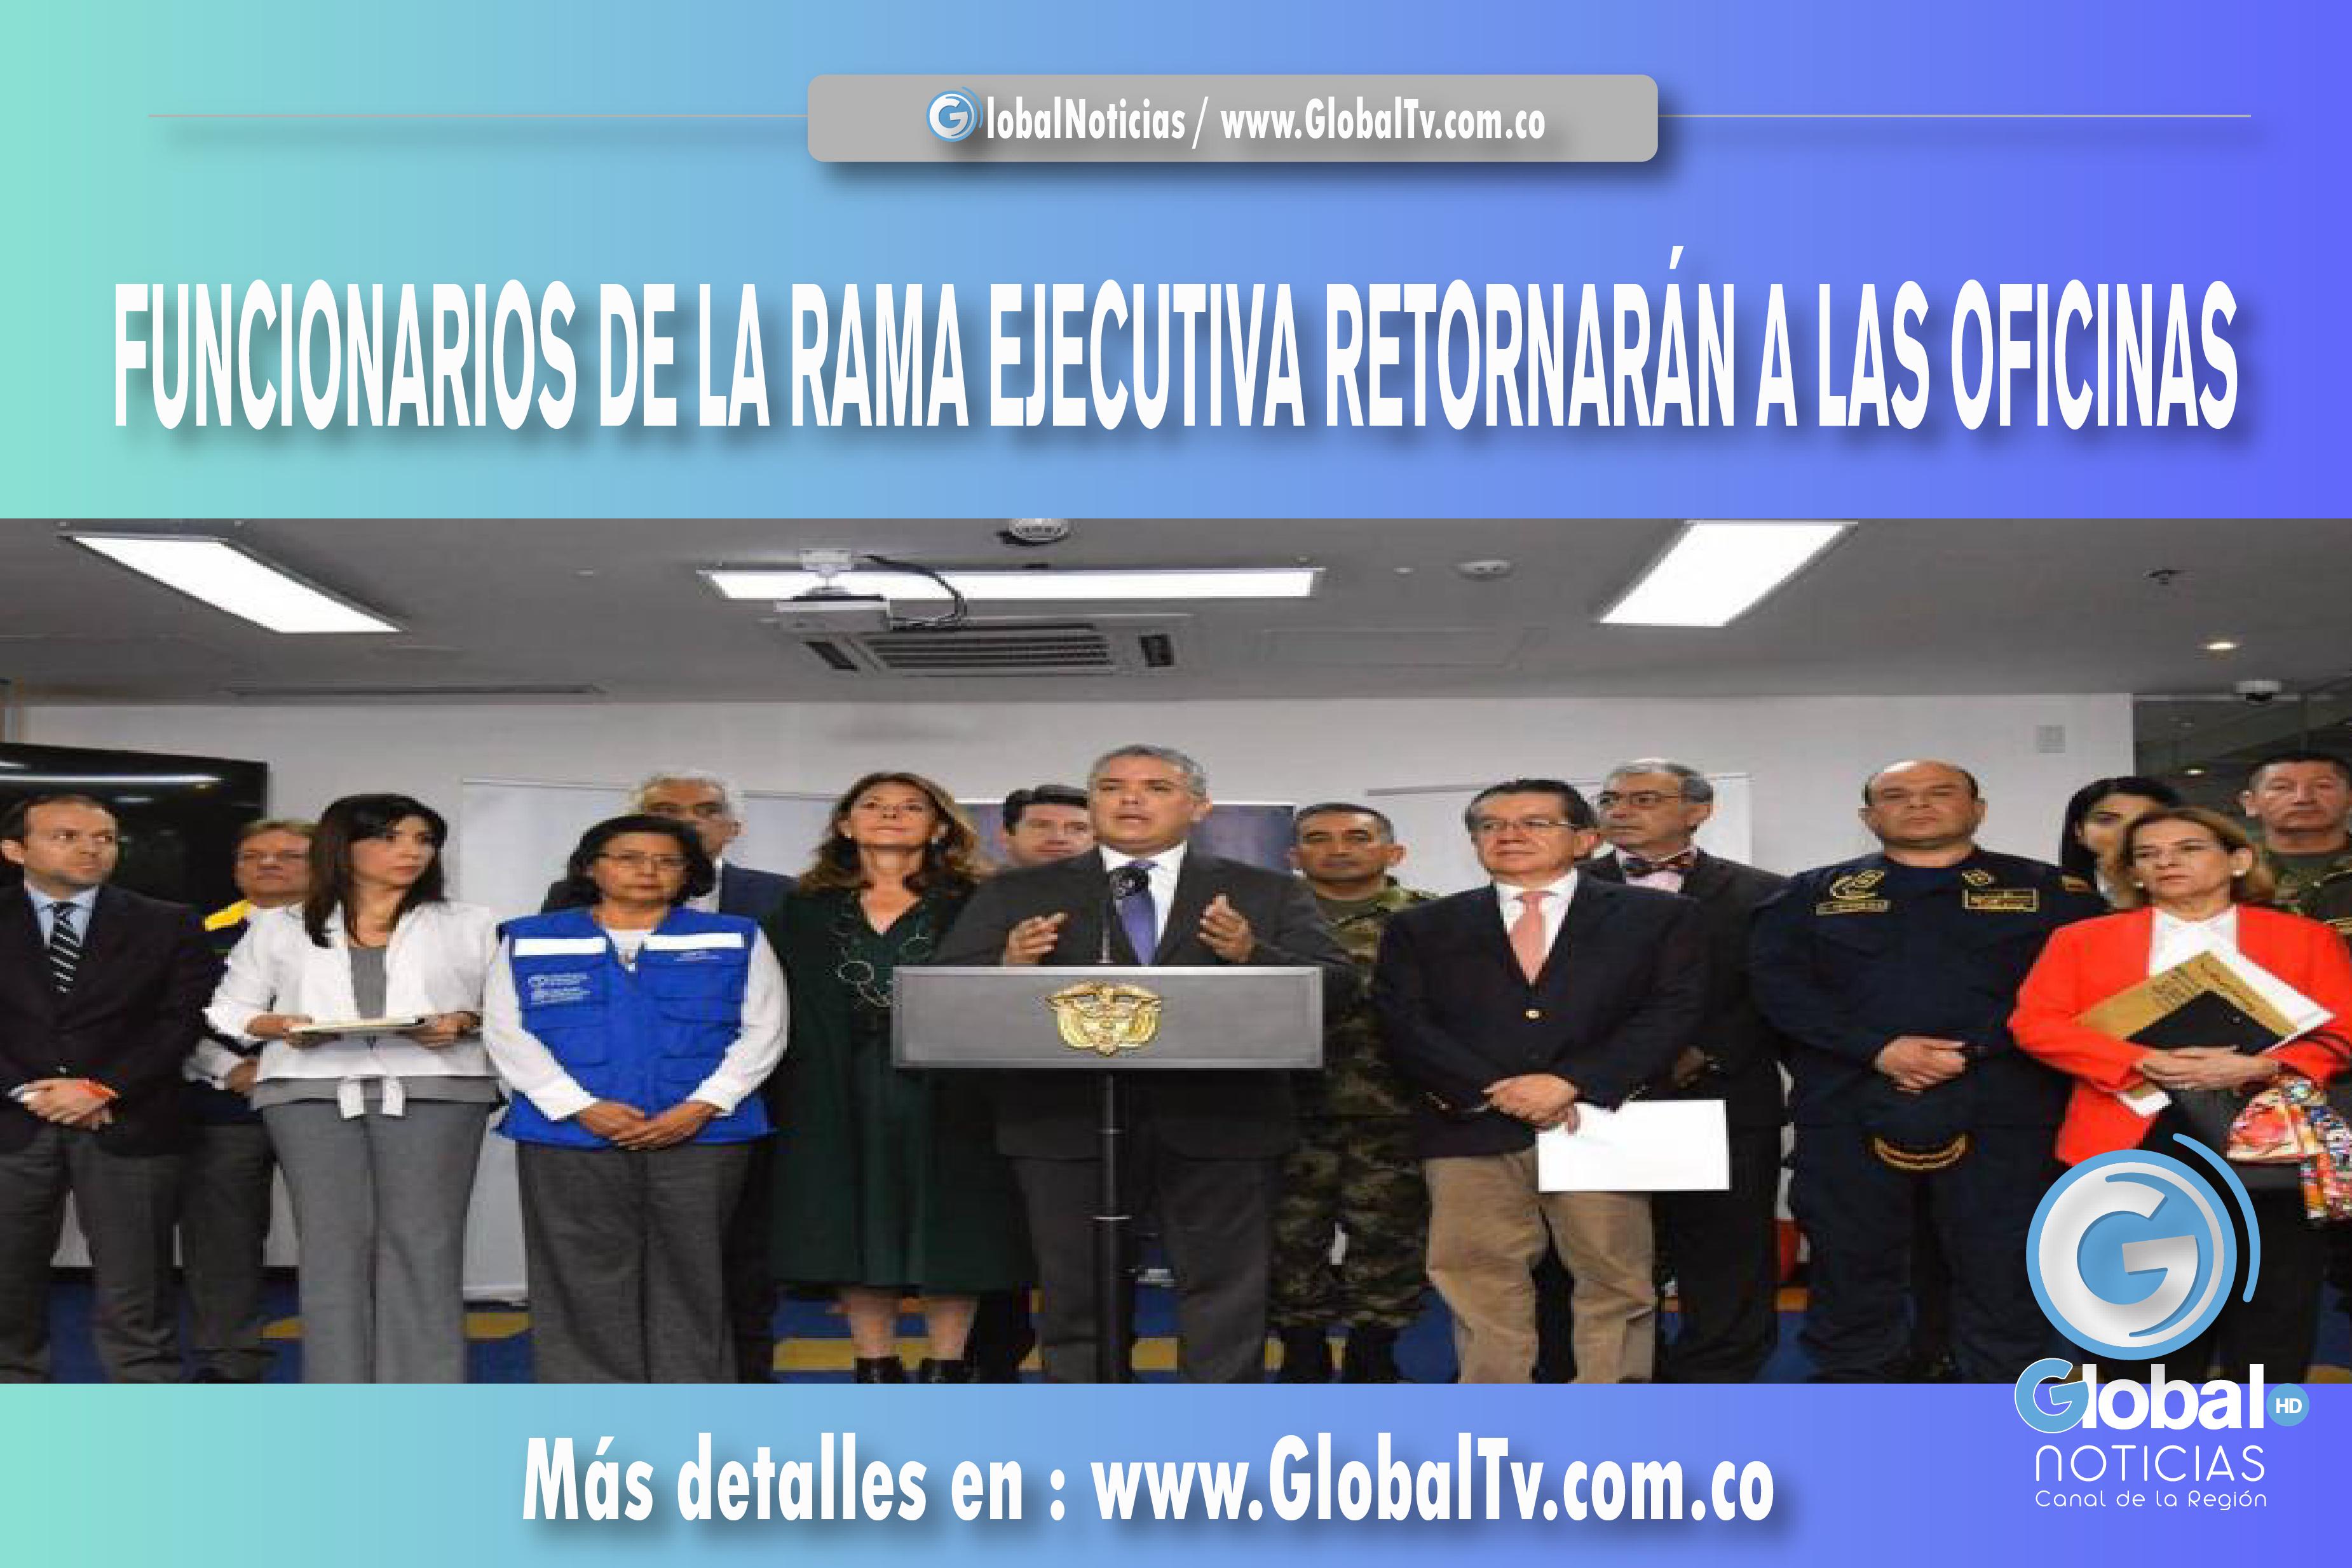 FUNCIONARIOS DE LA RAMA EJECUTIVA RETORNARÁN A LAS OFICINAS